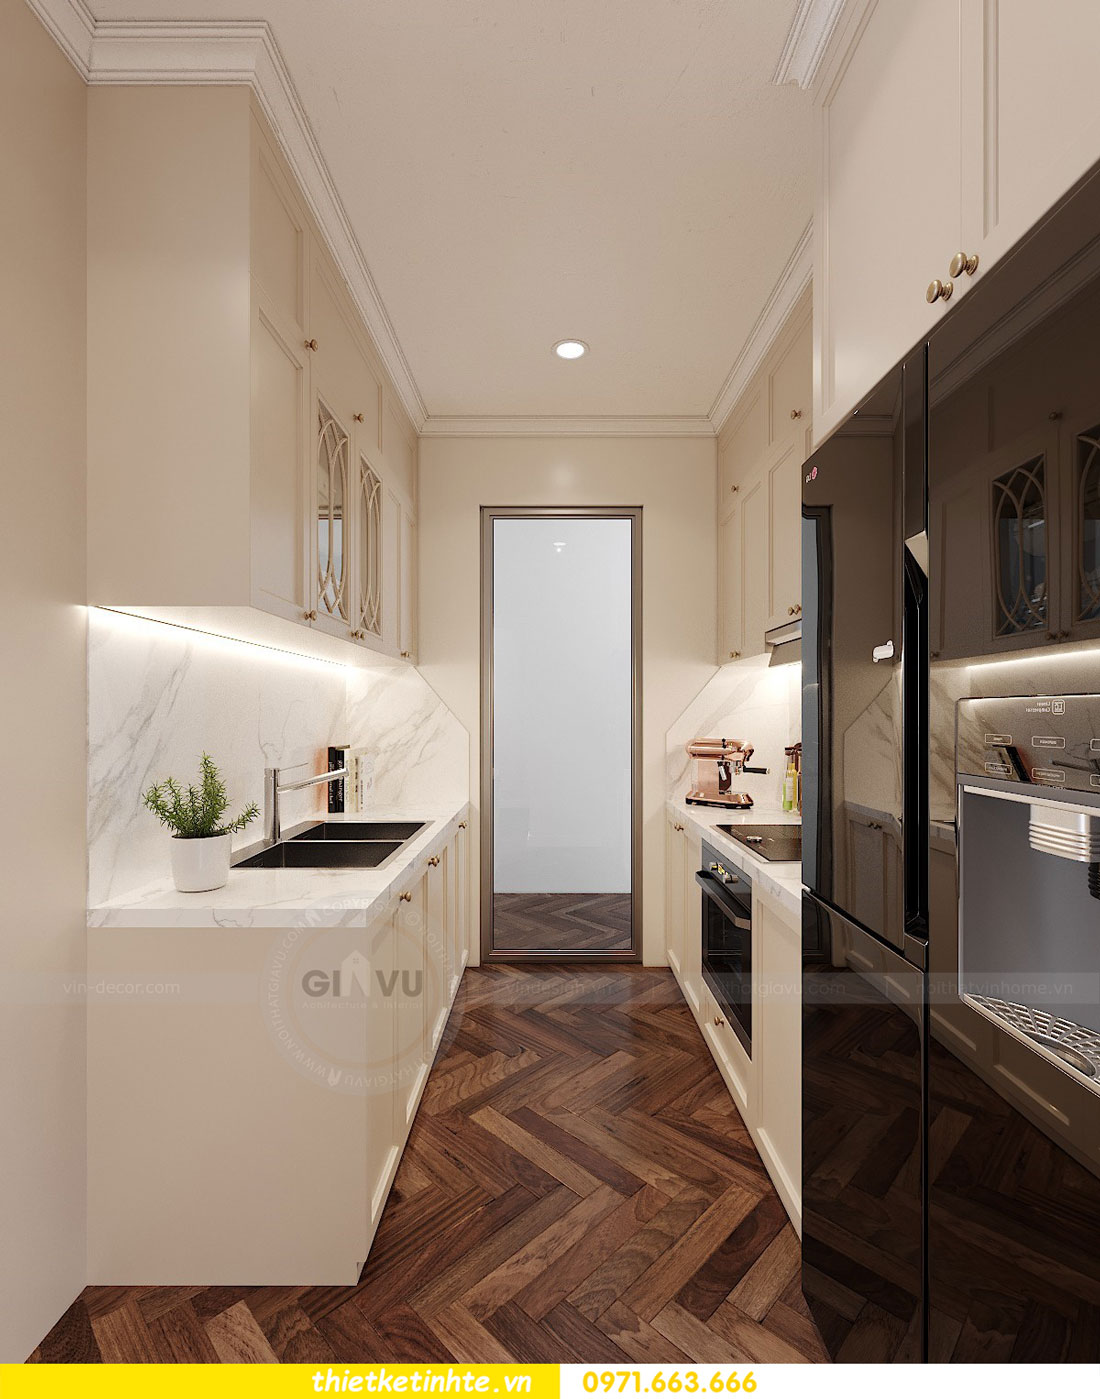 mẫu thiết kế nhà bếp chung cư đẹp, sang trọng, tiện nghi 3